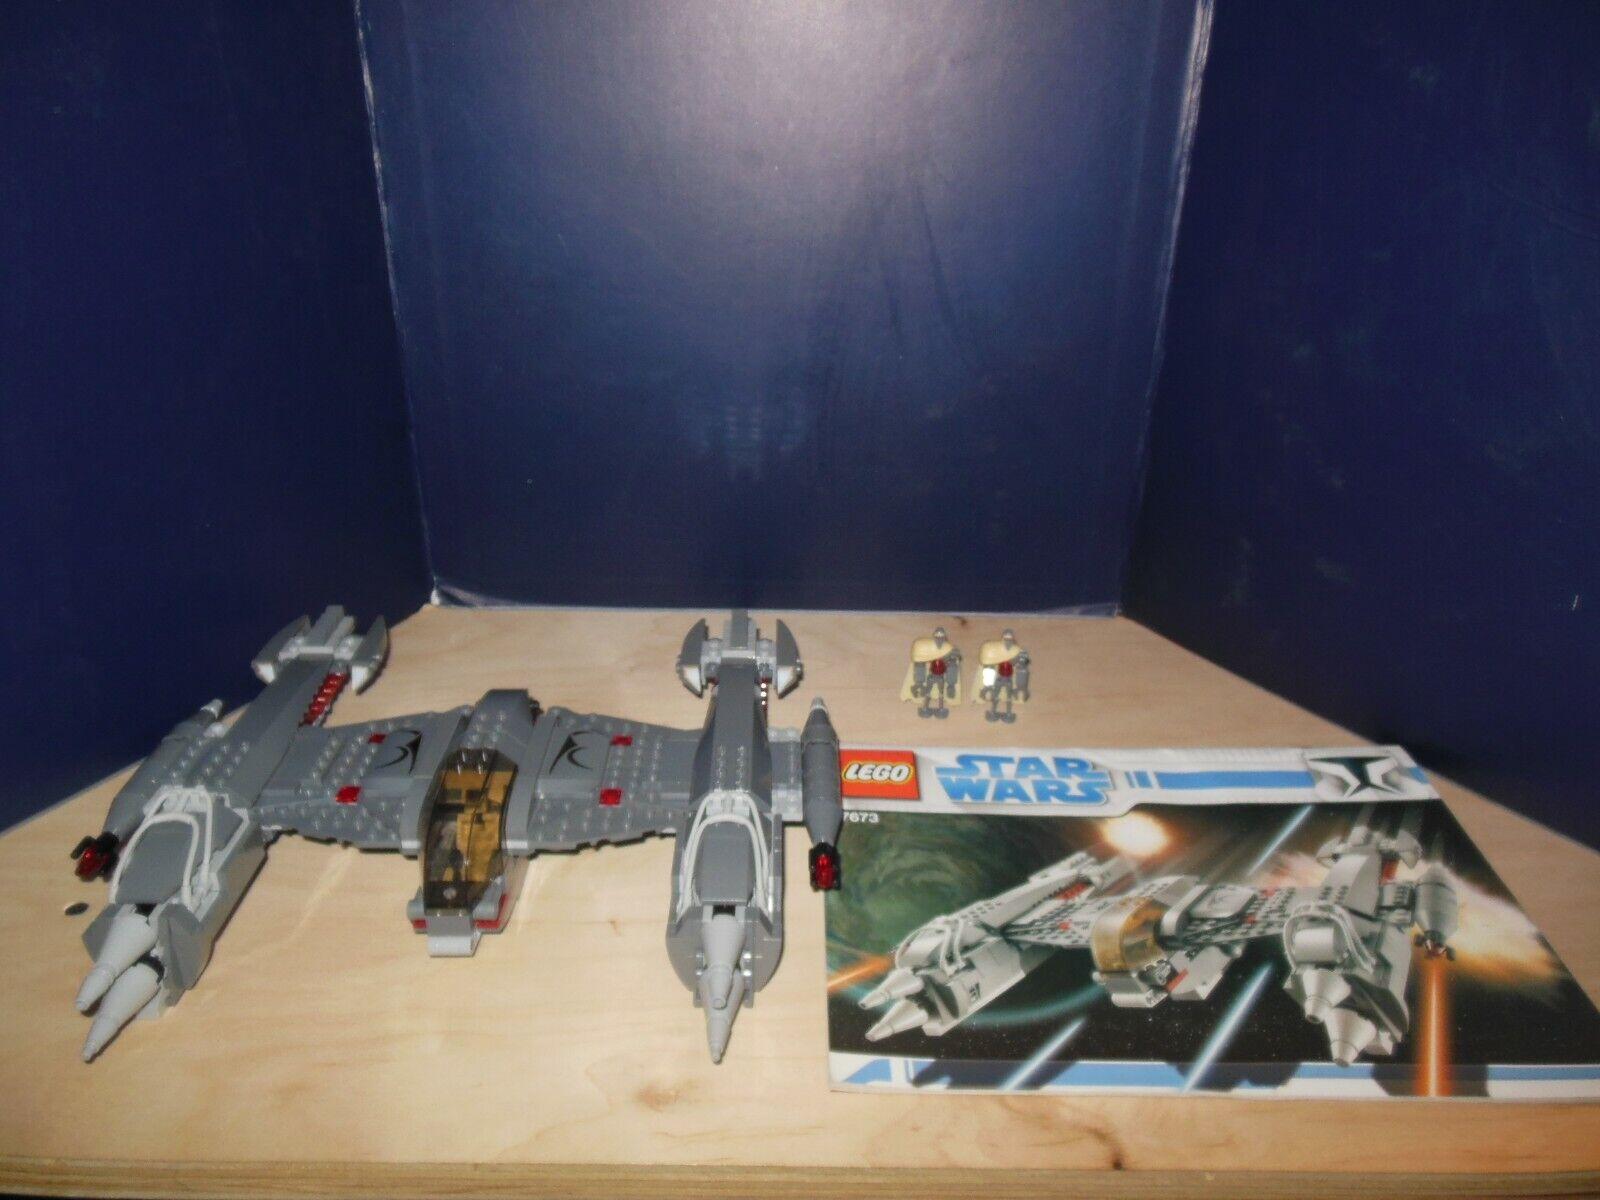 LEGO estrella guerras 7673 MagnaGuard estrellacombatiente 100%  completare w  uomoual & Minicifras  essere molto richiesto